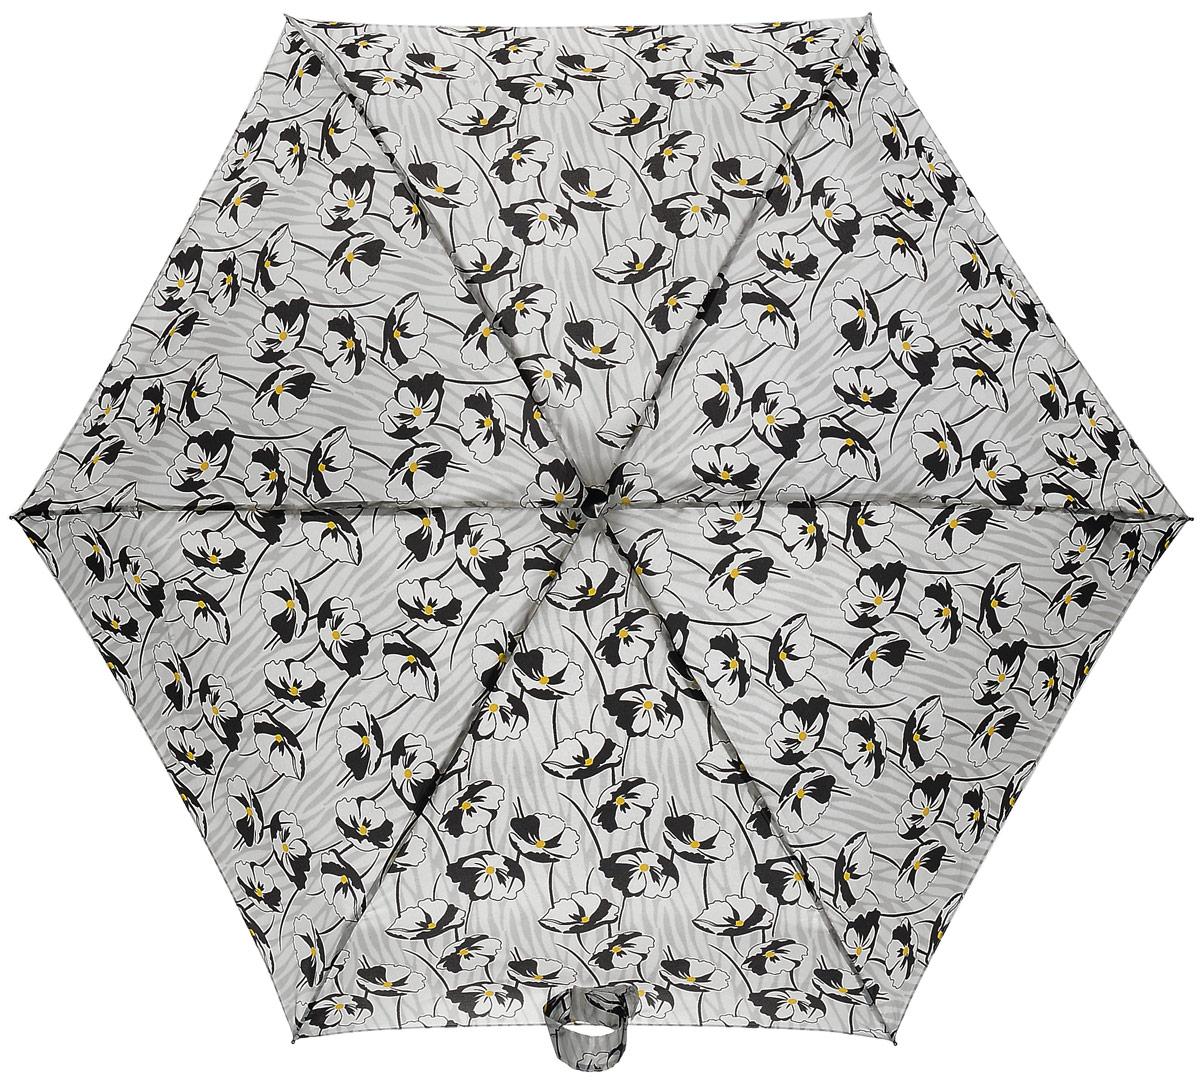 Зонт женский Fulton, механический, 5 сложений, цвет: серый, черный. L501-261545100636-1/18466/4900NКомпактный женский зонт Fulton выполнен из металла, пластика и оформлен принтом с цветами.Каркас зонта выполнен из шести спиц на прочном стержне. Купол зонта изготовлен прочного полиэстера. Закрытый купол застегивается на хлястик с липучкой. Практичная рукоятка закругленной формы разработана с учетом требований эргономики и выполнена из натуральной кожи.Зонт складывается и раскладывается механическим способом.Зонт дополнен легким плоским чехлом. Такая модель не только надежно защитит от дождя, но и станет стильным аксессуаром.